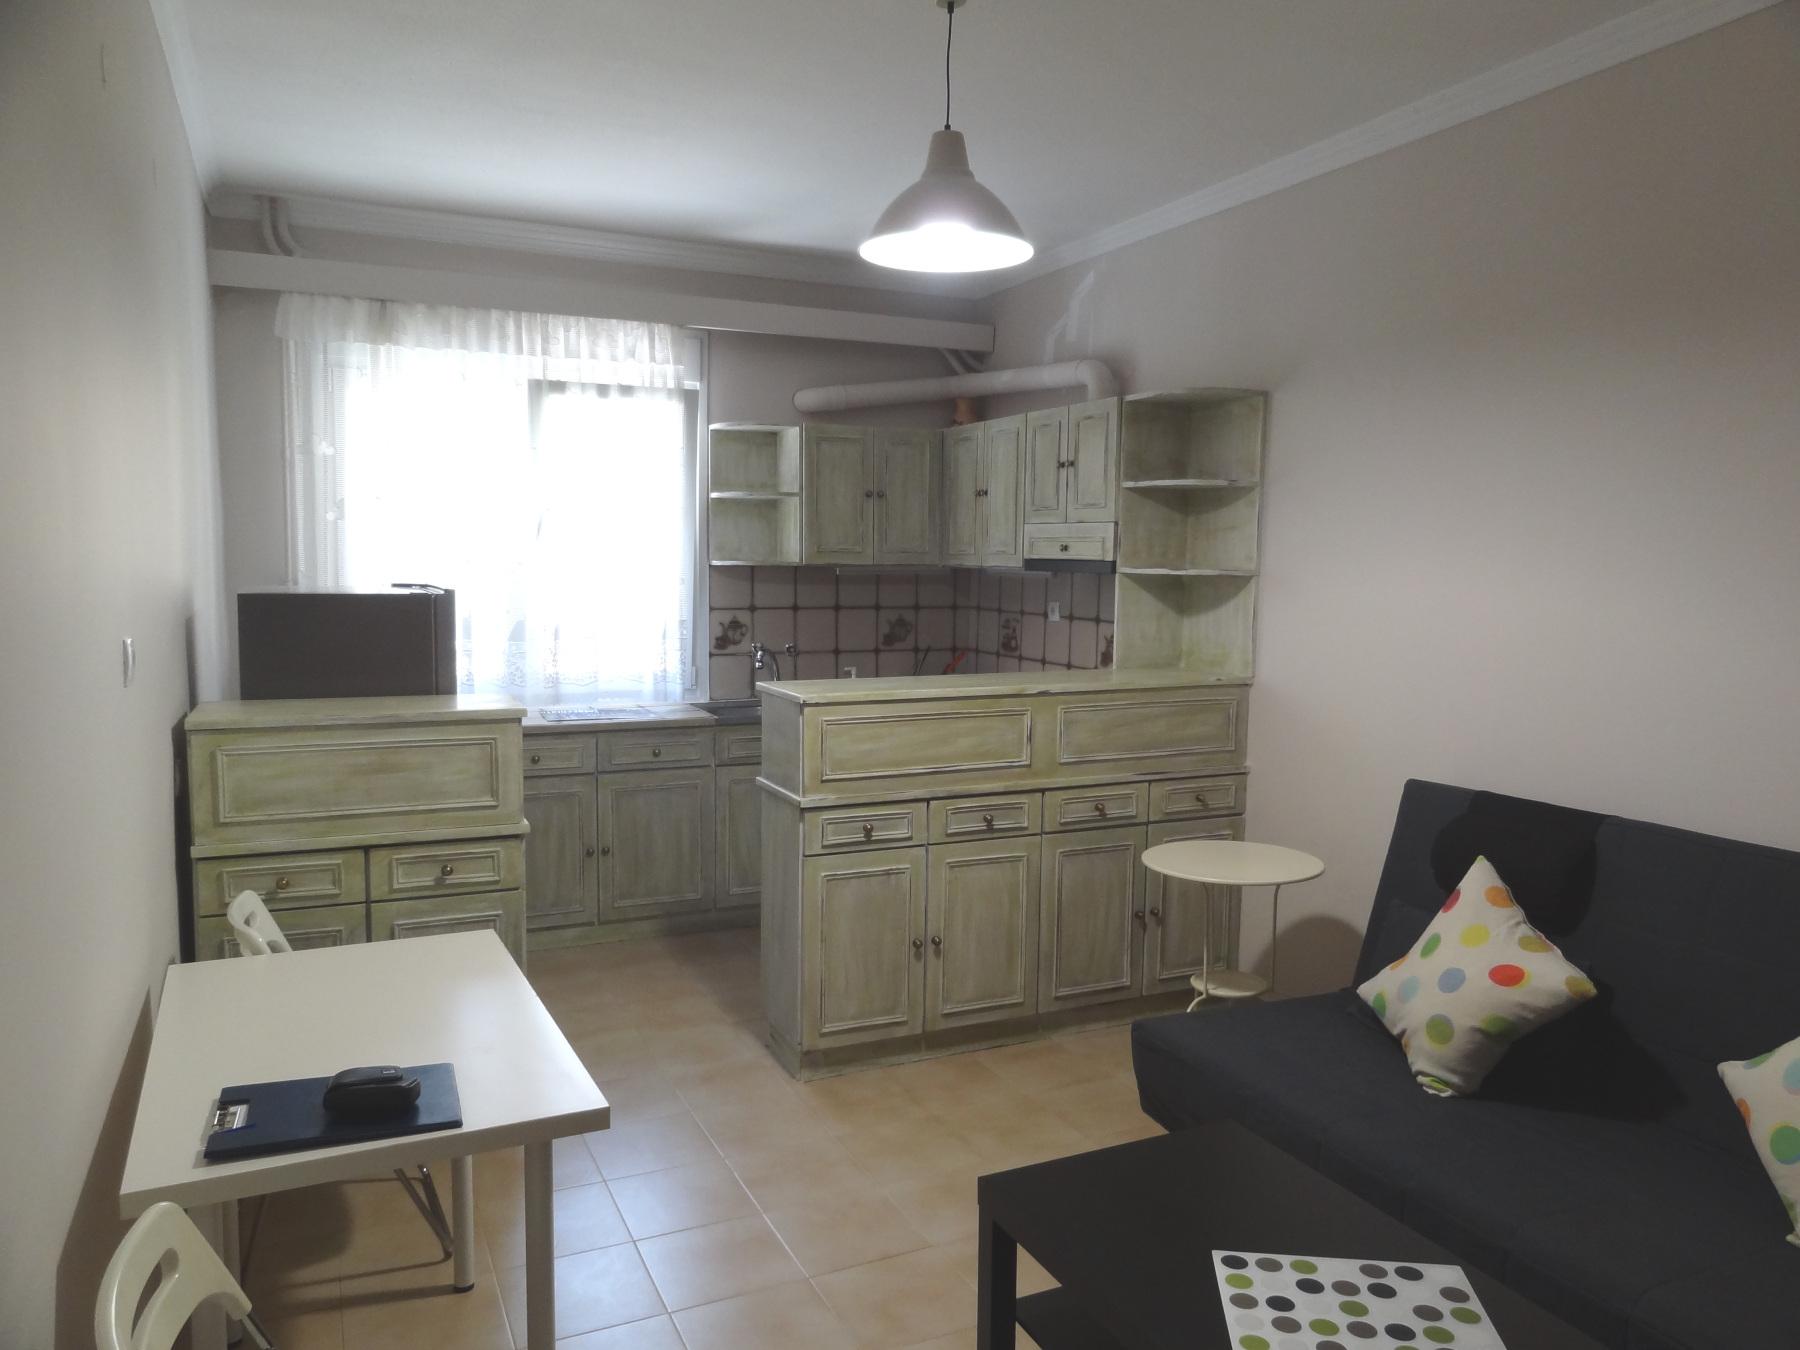 Ενοικιάζεται επιπλωμένο 2αρι διαμέρισμα 41 τ.μ. 1ου ορόφου στο κέντρο της πόλης των Ιωαννίνων πλησίον της Ν. Ζέρβα.